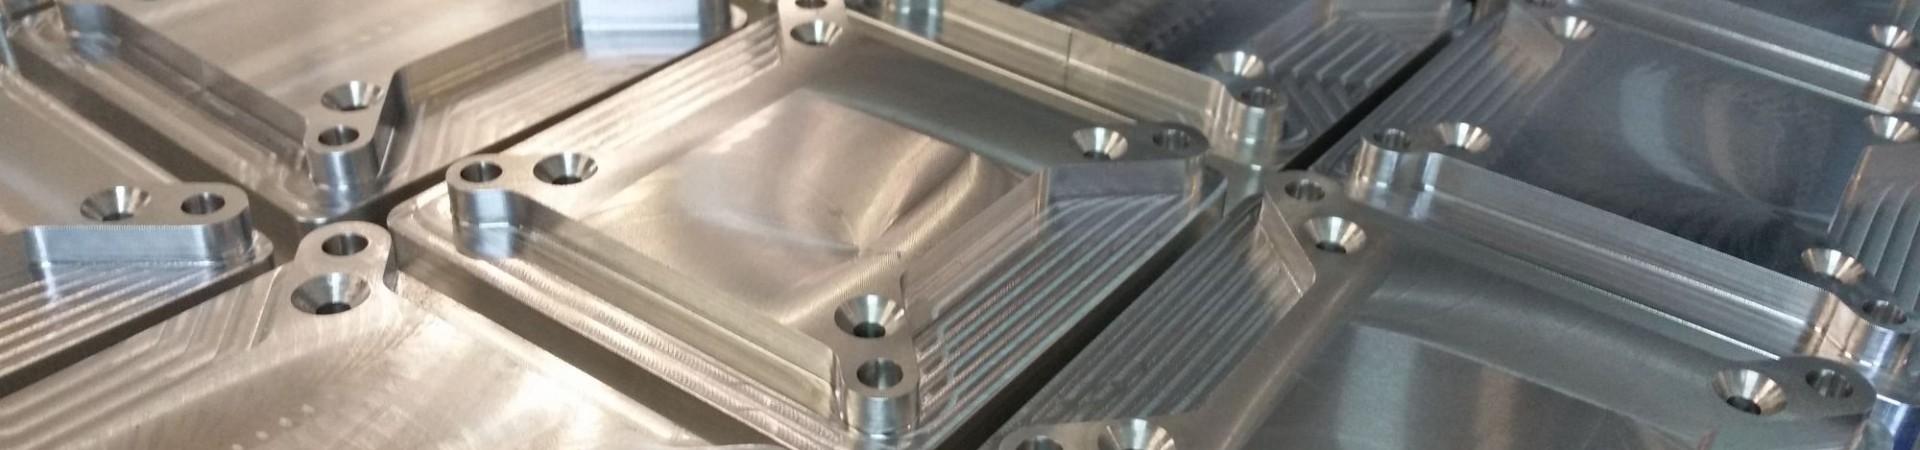 Frästeile Aluminium